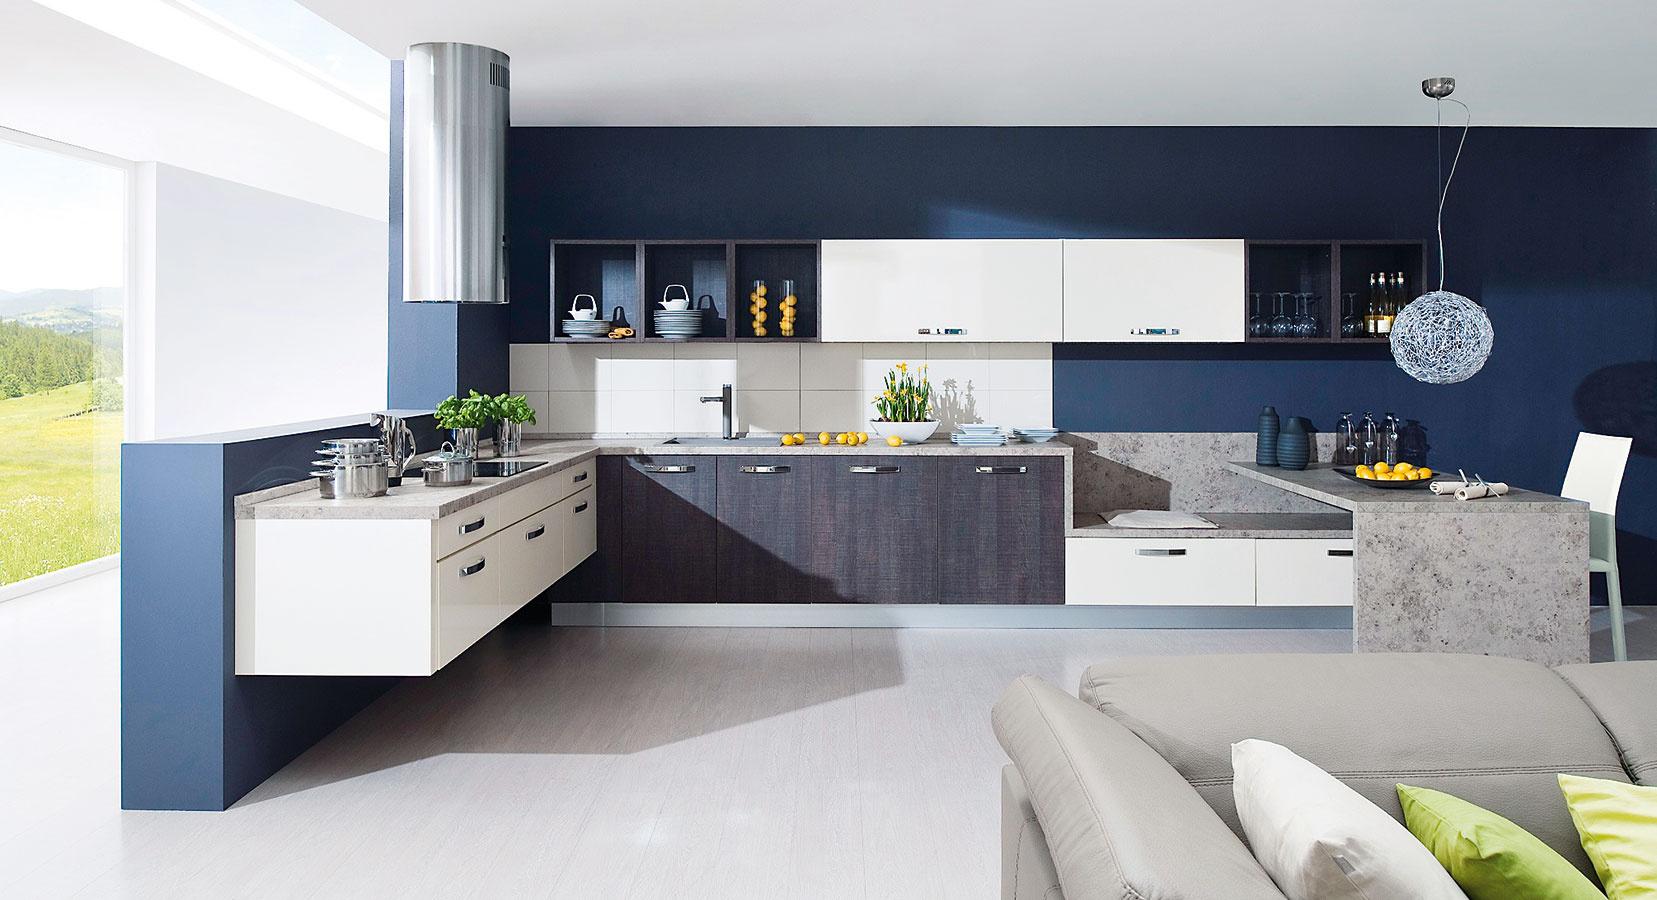 VARIABILNÝ PATCHWORK. Dispozičné umiestnenie kuchynských skriniek a množstvo farebných a materiálových variácií stiera rozdiely medzi kuchyňou a obývačkou. Môžete si zvoliť skrinky s dvierkami či bez, zavesiť ich vedľa seba do radu alebo niektoré vysunúť z horizontálnej línie presne ako v obývačke.